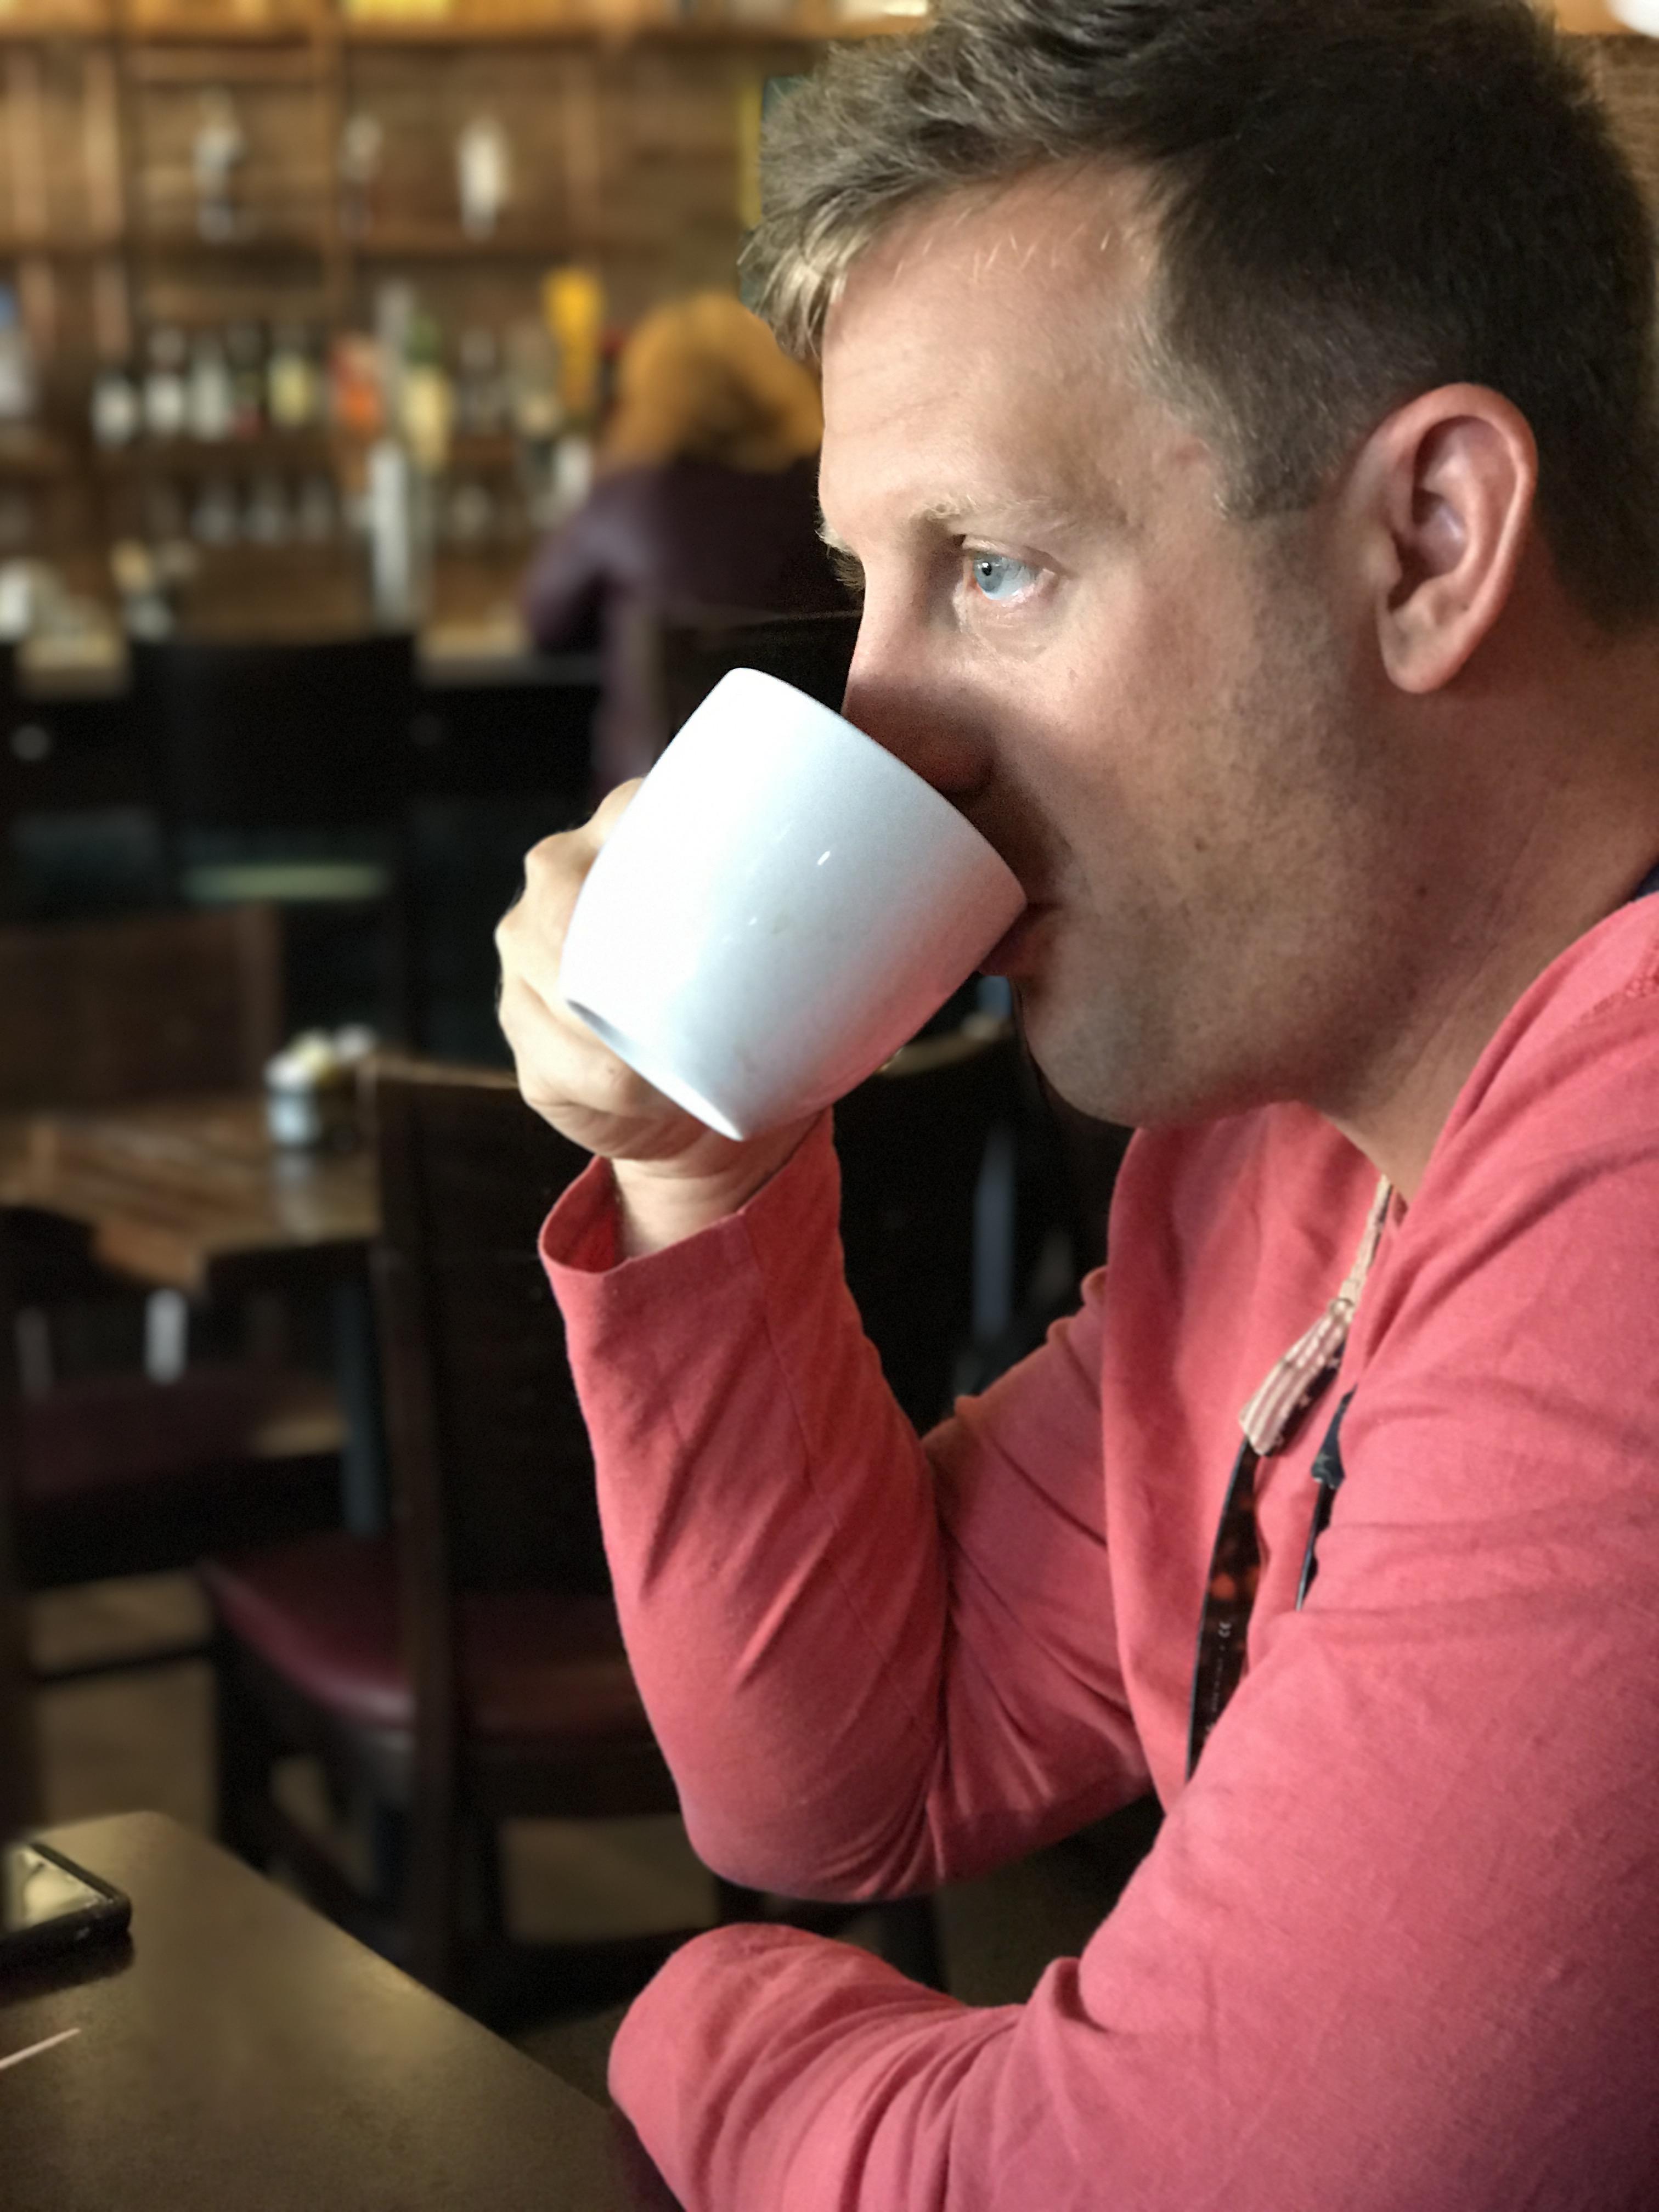 Beyu Cafe - 24 Hours In Durham, NC - Durham North Carolina Things To Do - Durham, NC Activities - Commnunikait by Kait Hanson